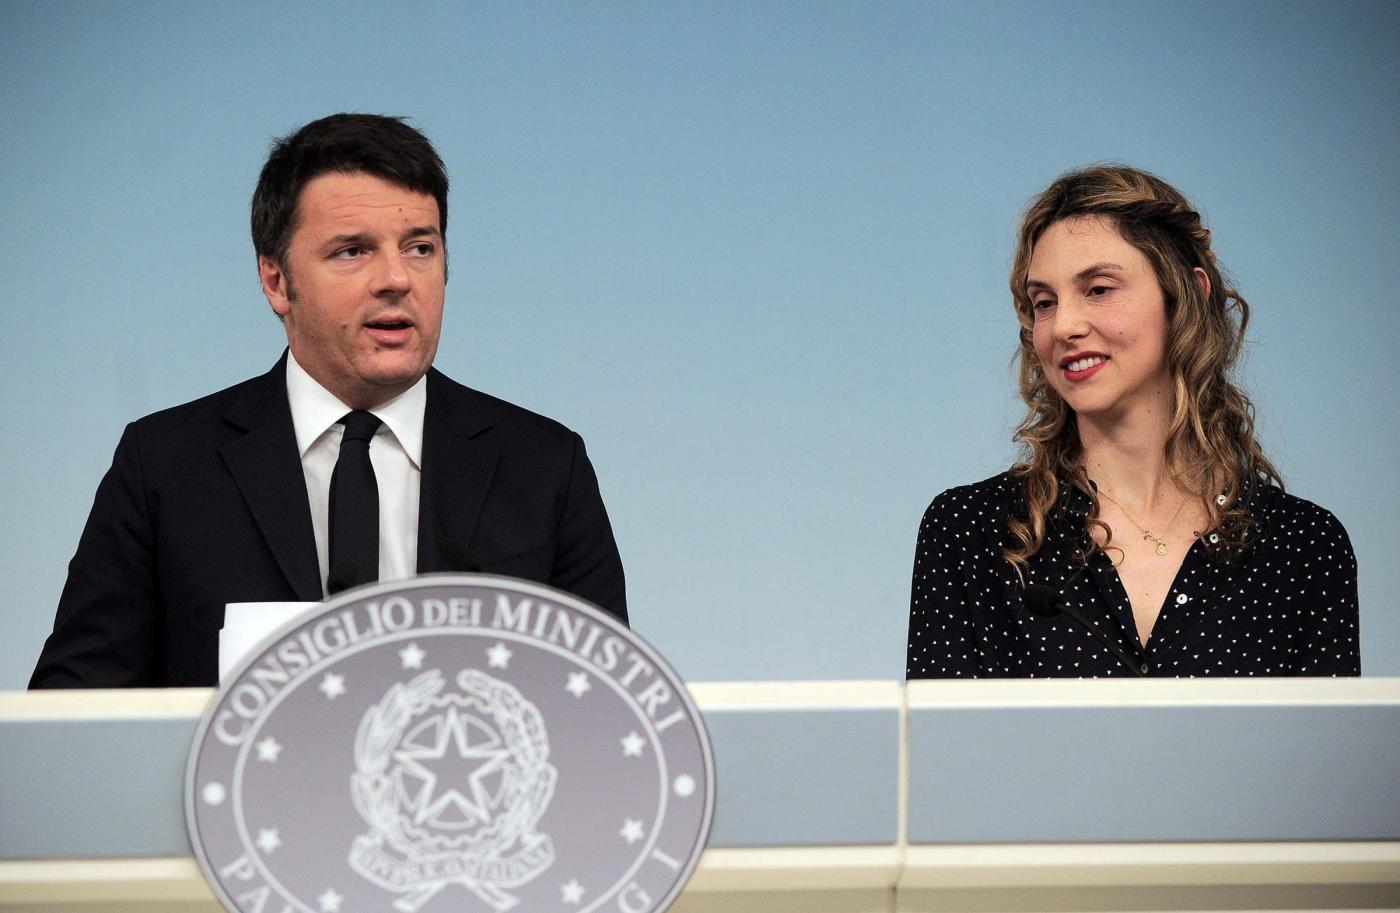 Riforma Pubblica Amministrazione: i decreti attuativi di Madia e Renzi